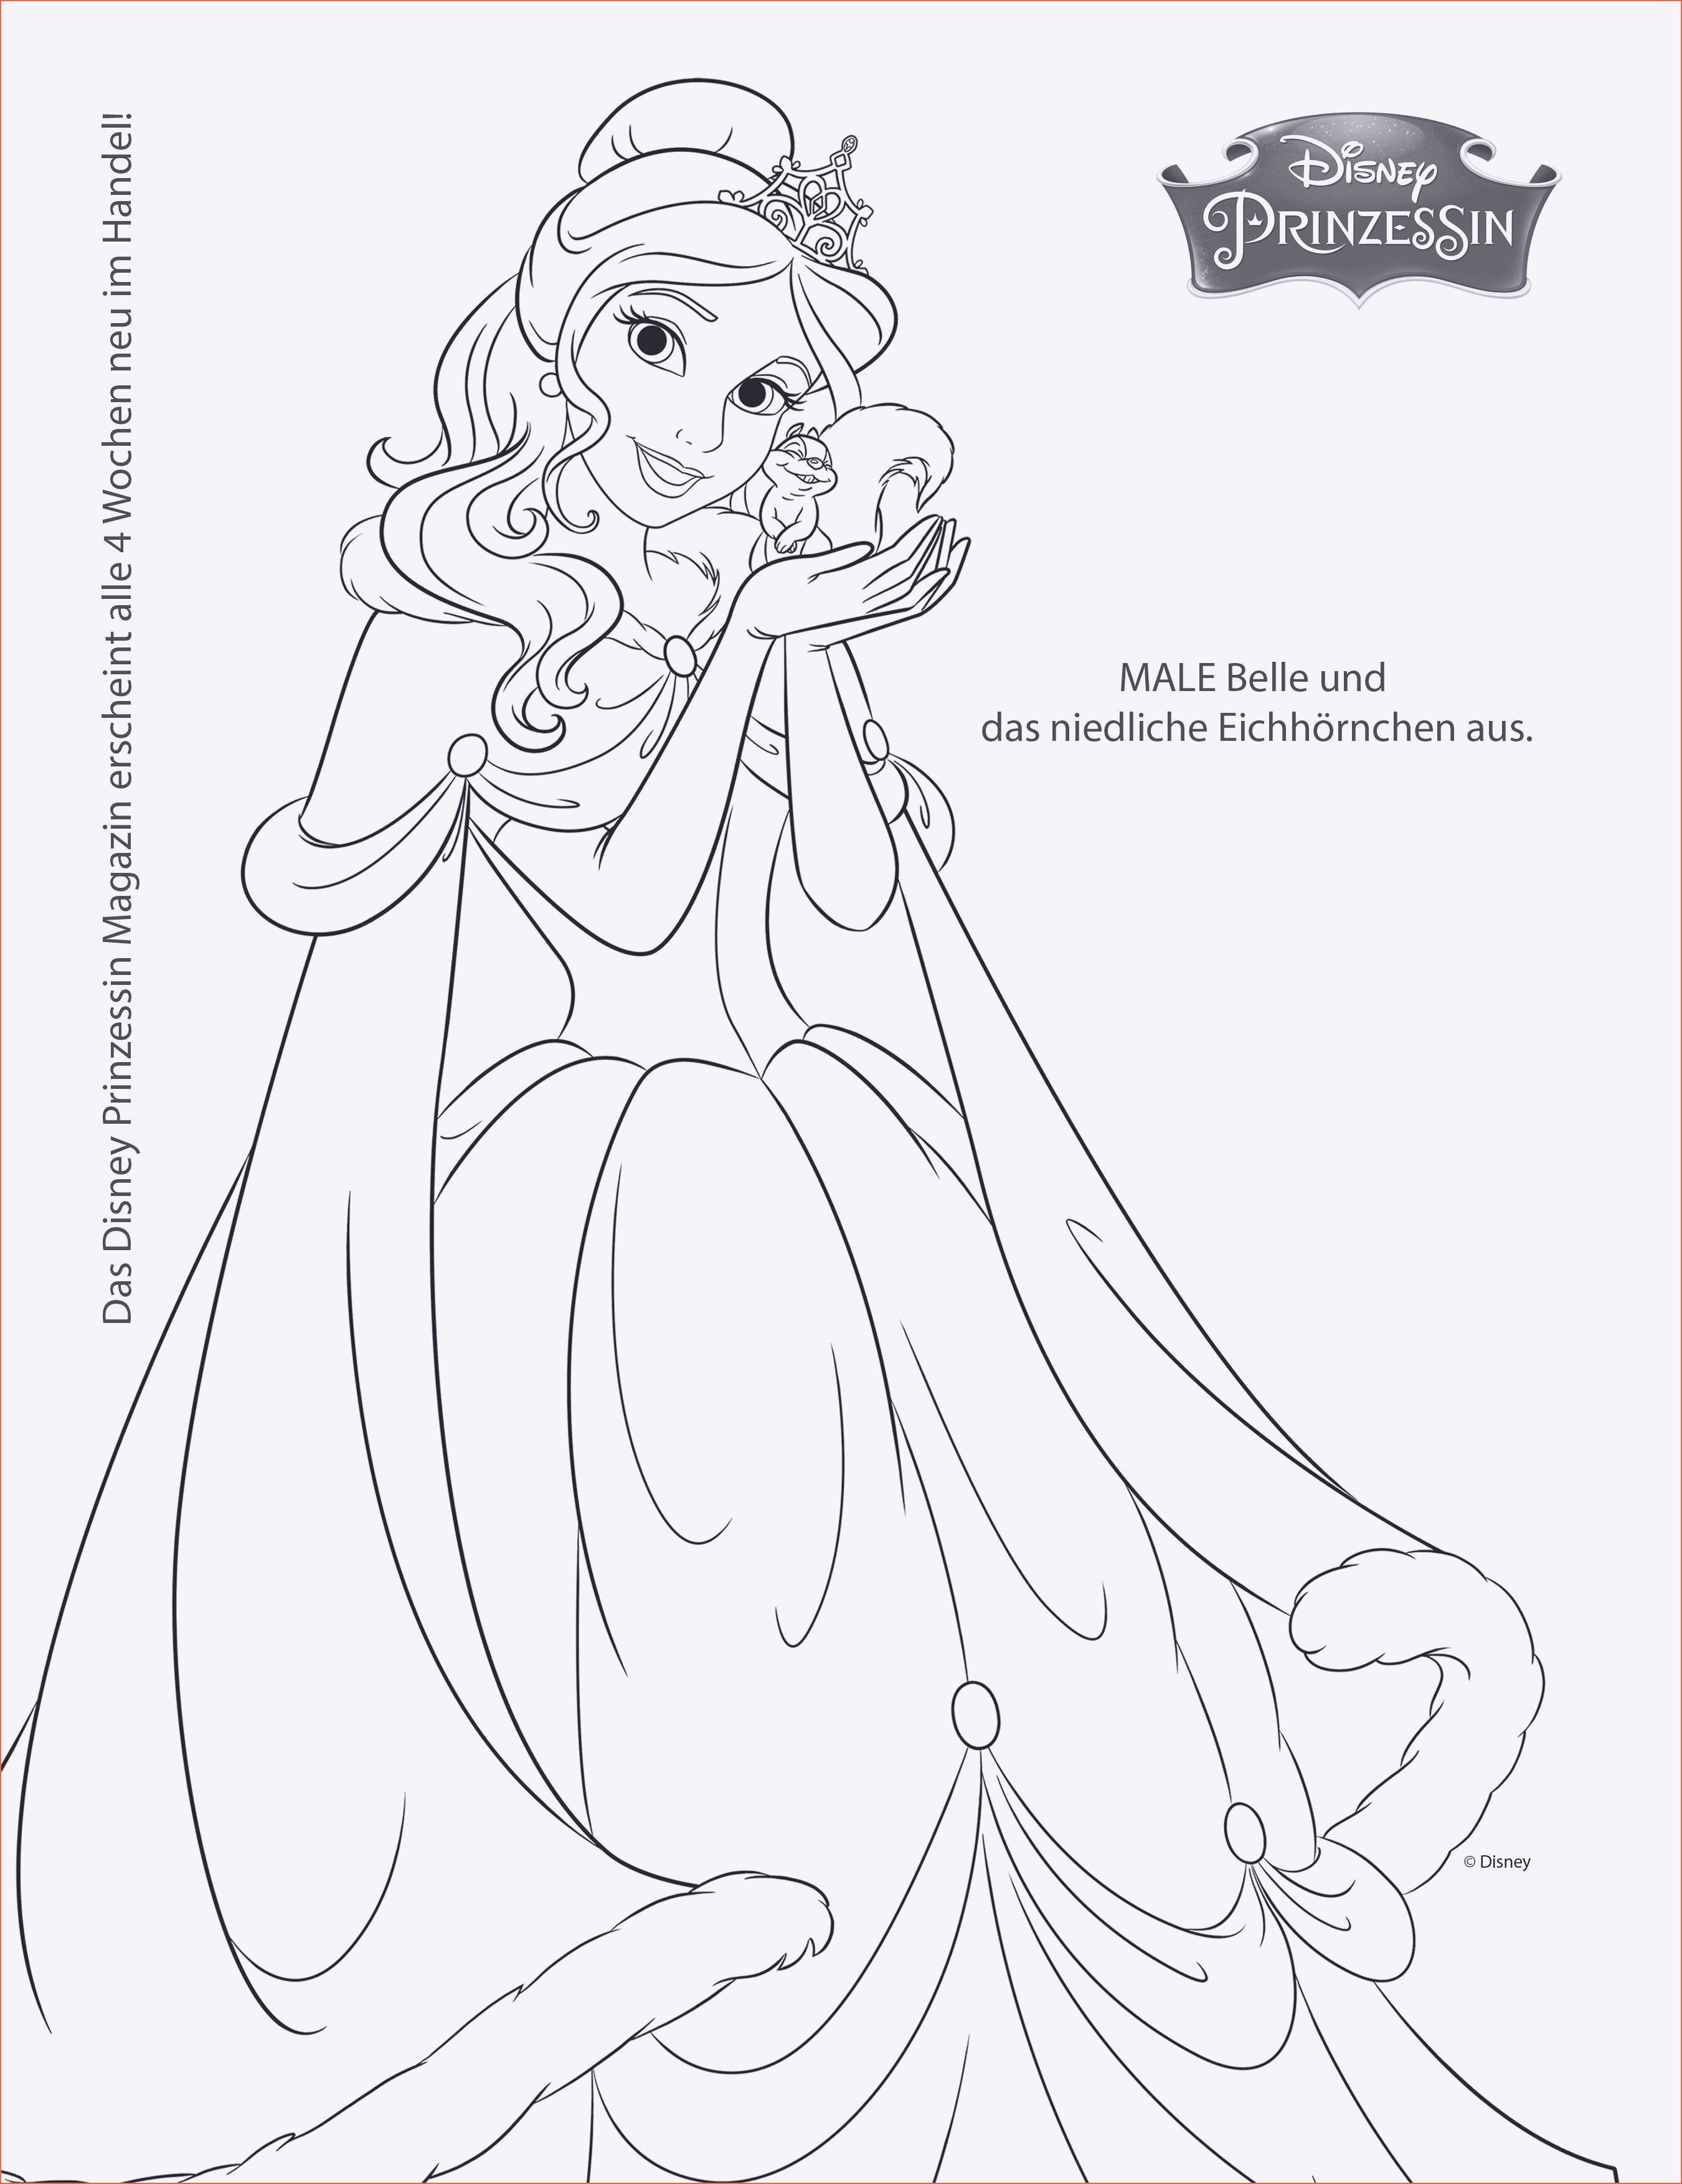 Disney Ausmalbilder Gratis Zum Drucken Frisch Bilder Zum Ausmalen Und Ausdrucken Disney 8 Baby Disney Bilder